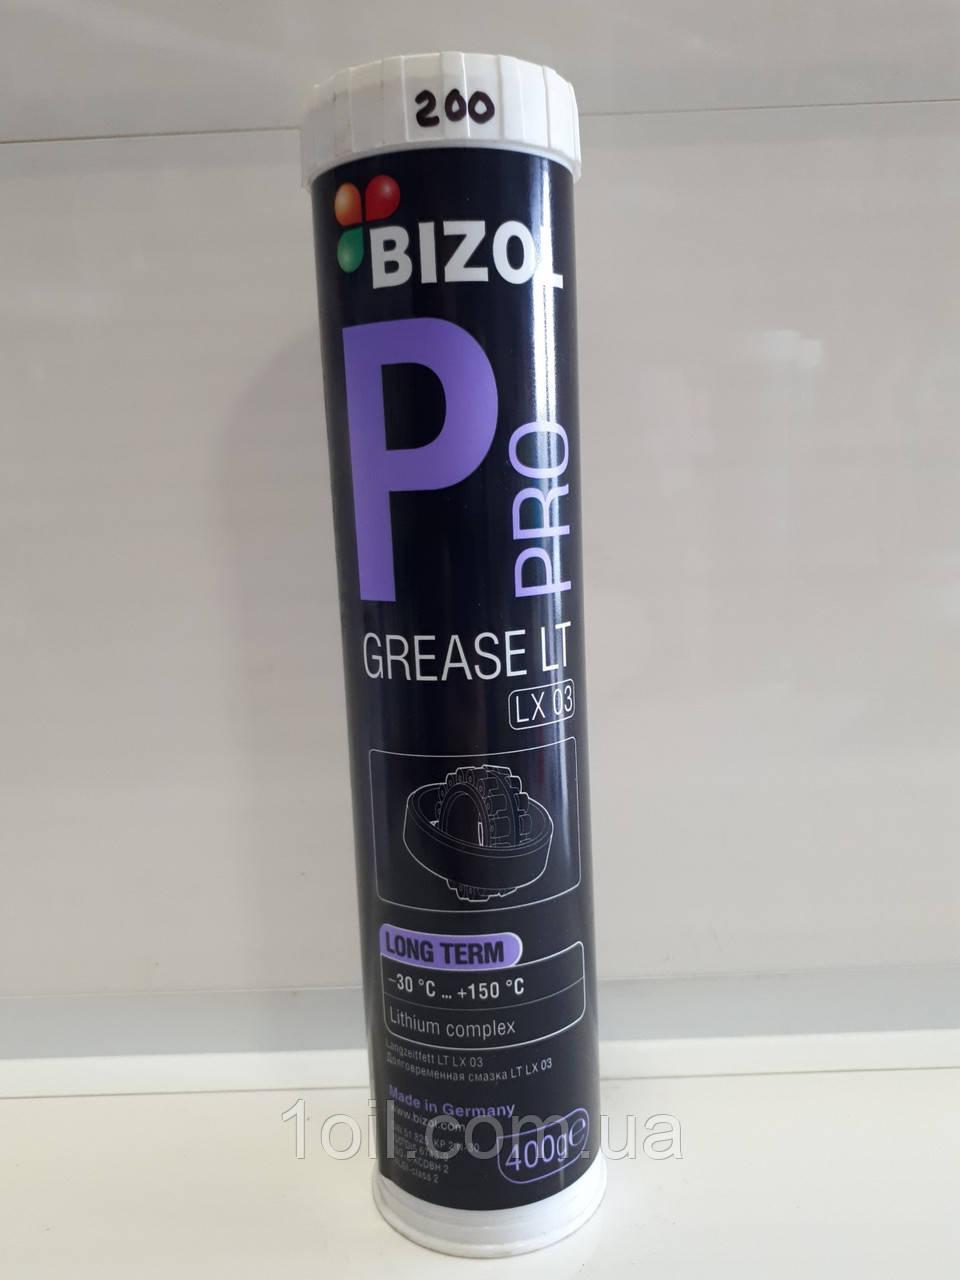 Смазка для подшипников качения и скольжения при высочайших нагрузках BIZOL Pro Grease LT LX 03 Long Term) 0,4 л